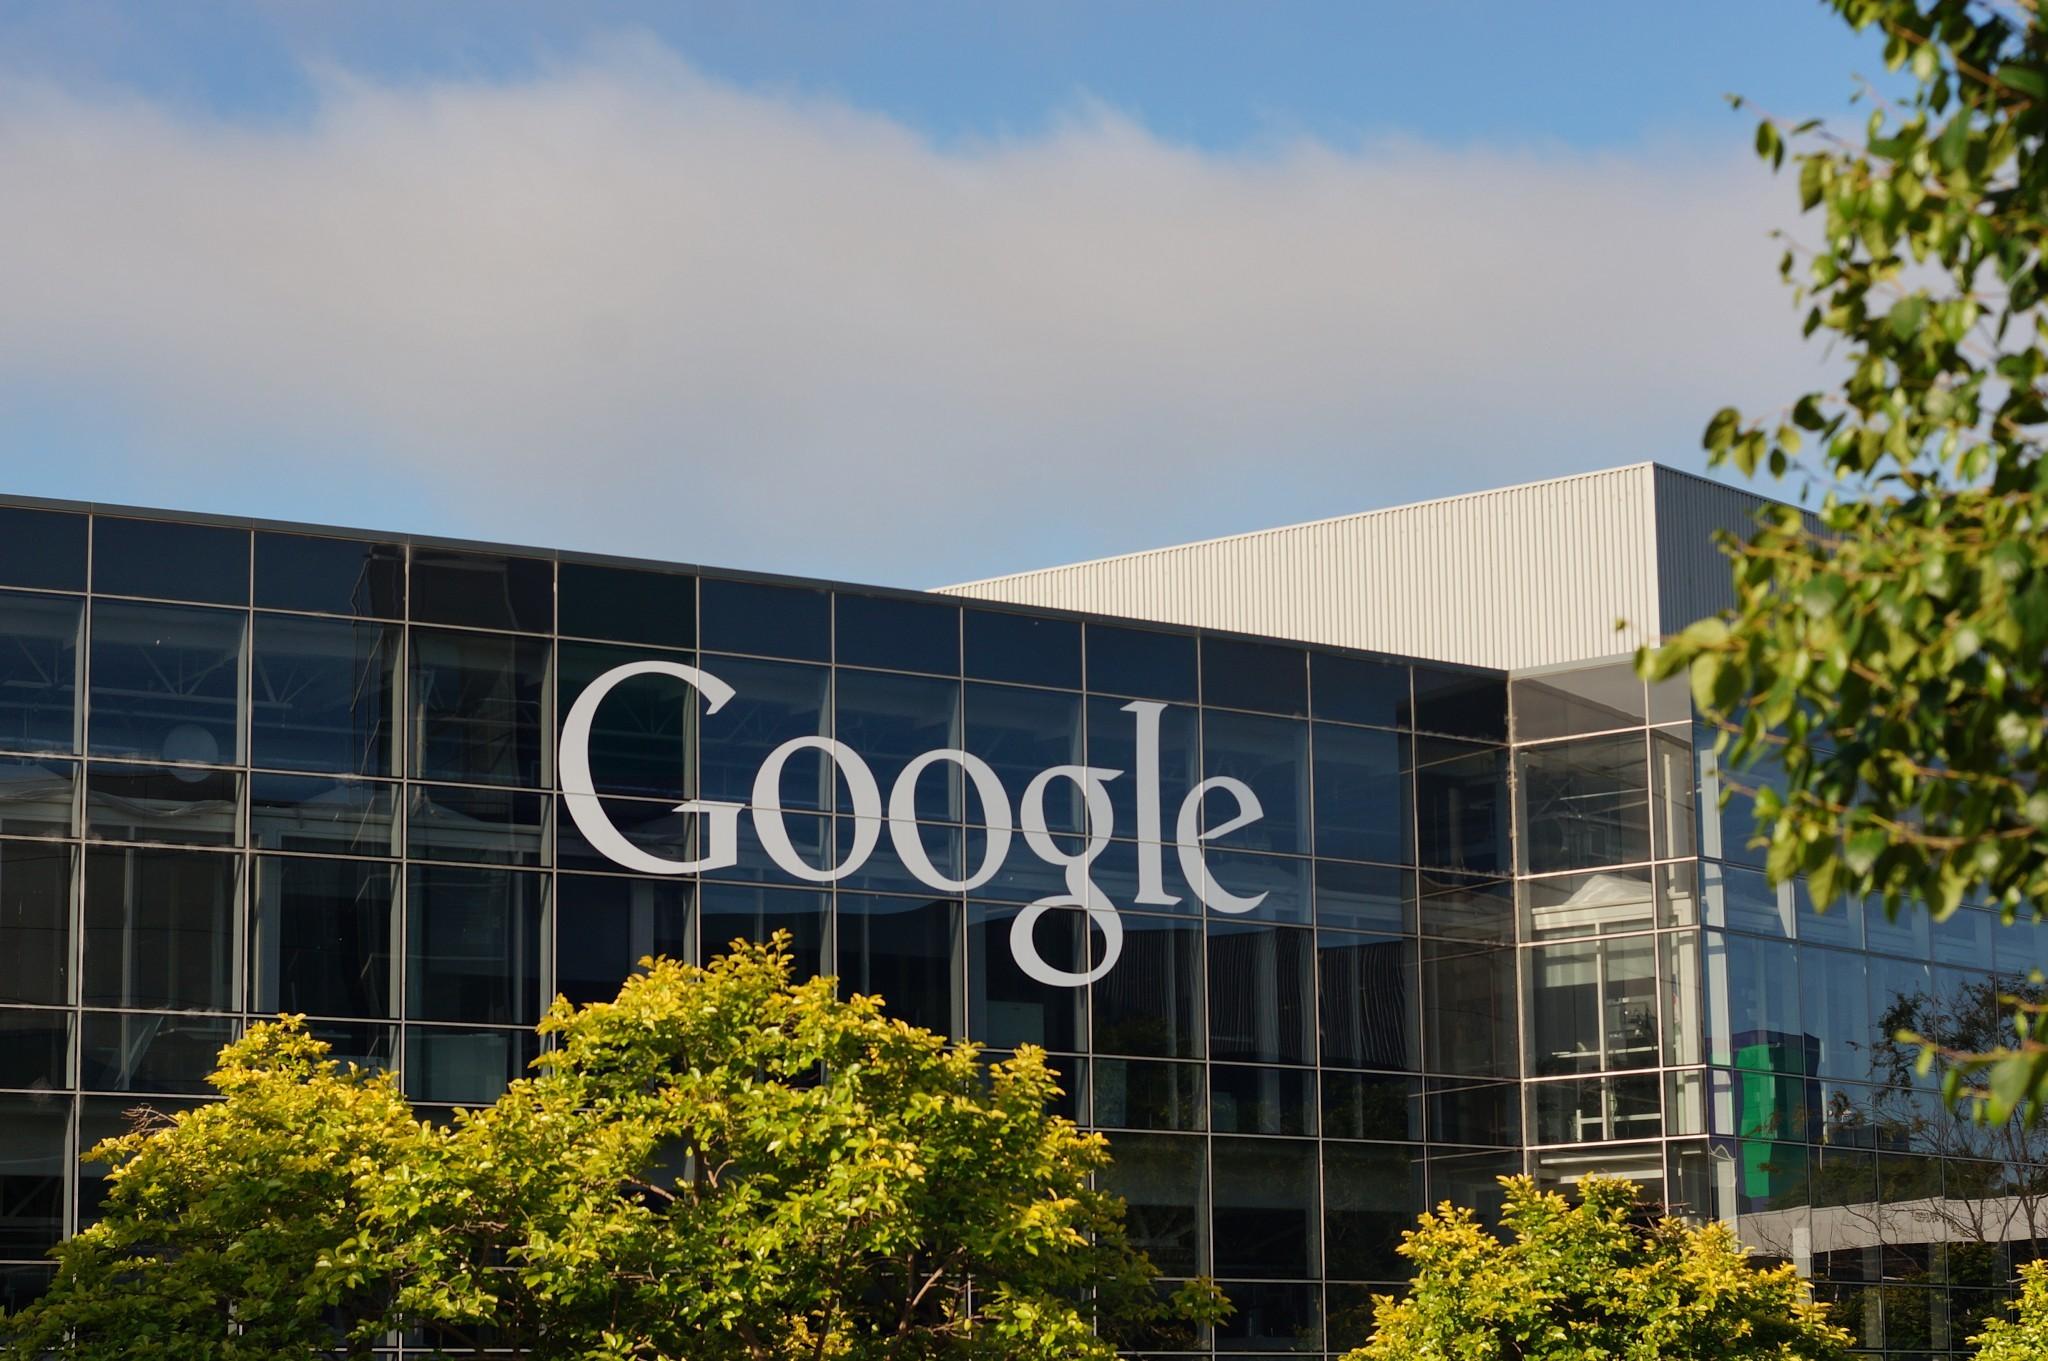 Компания Google обжаловала решение Еврокомиссии о штрафе на 1,5 млрд евро